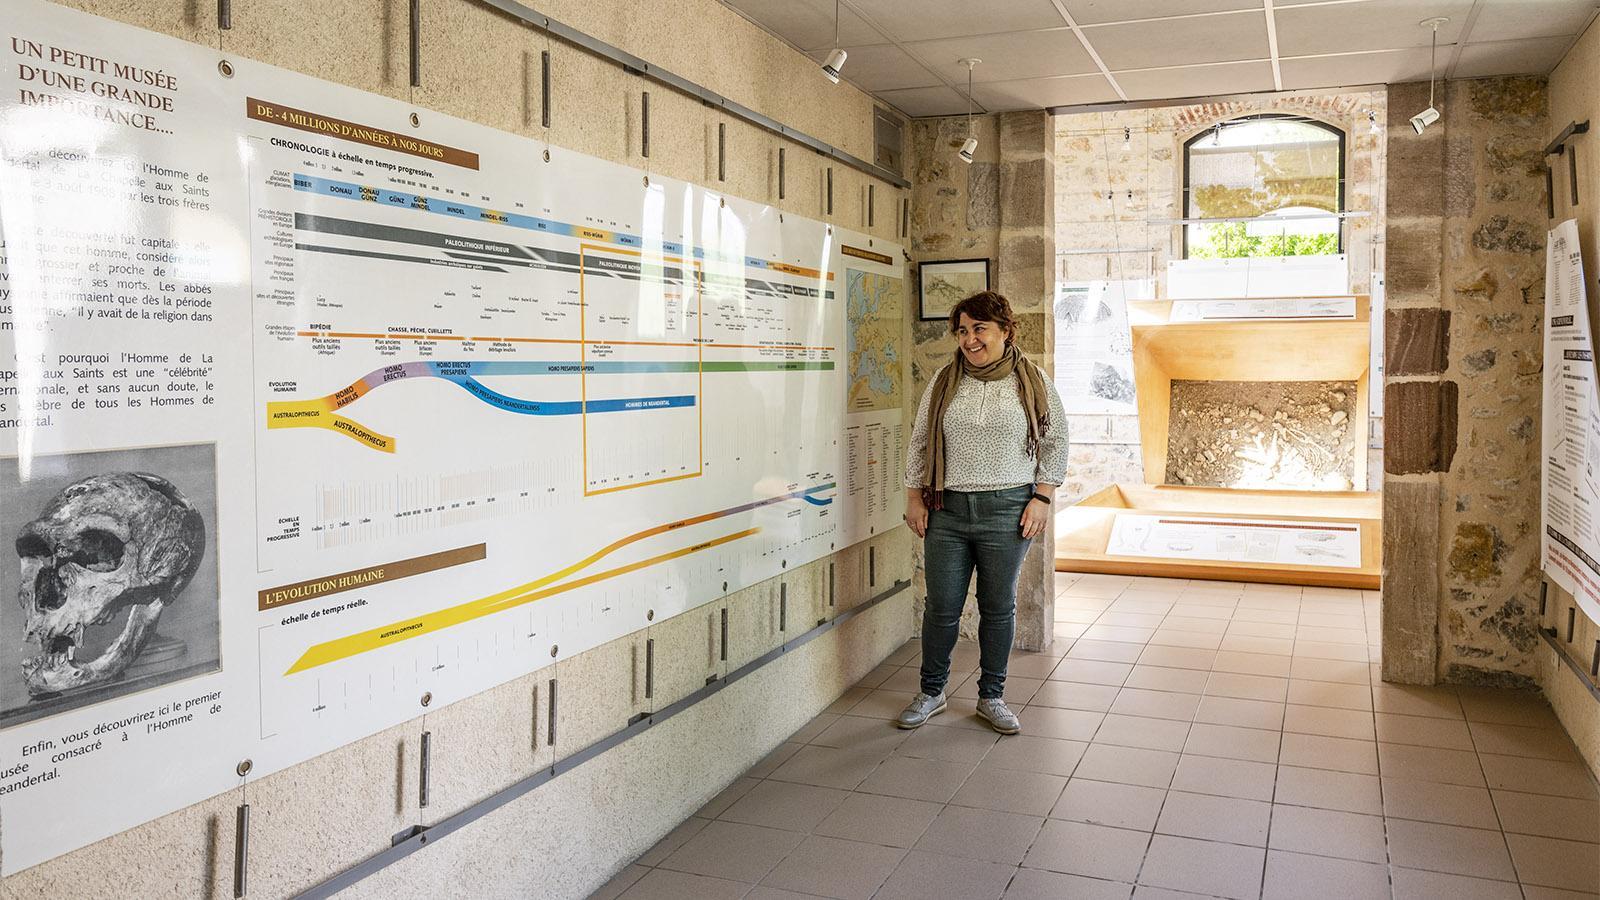 Musée de l'homme de Néandertal. Foto: Hilke Maunder